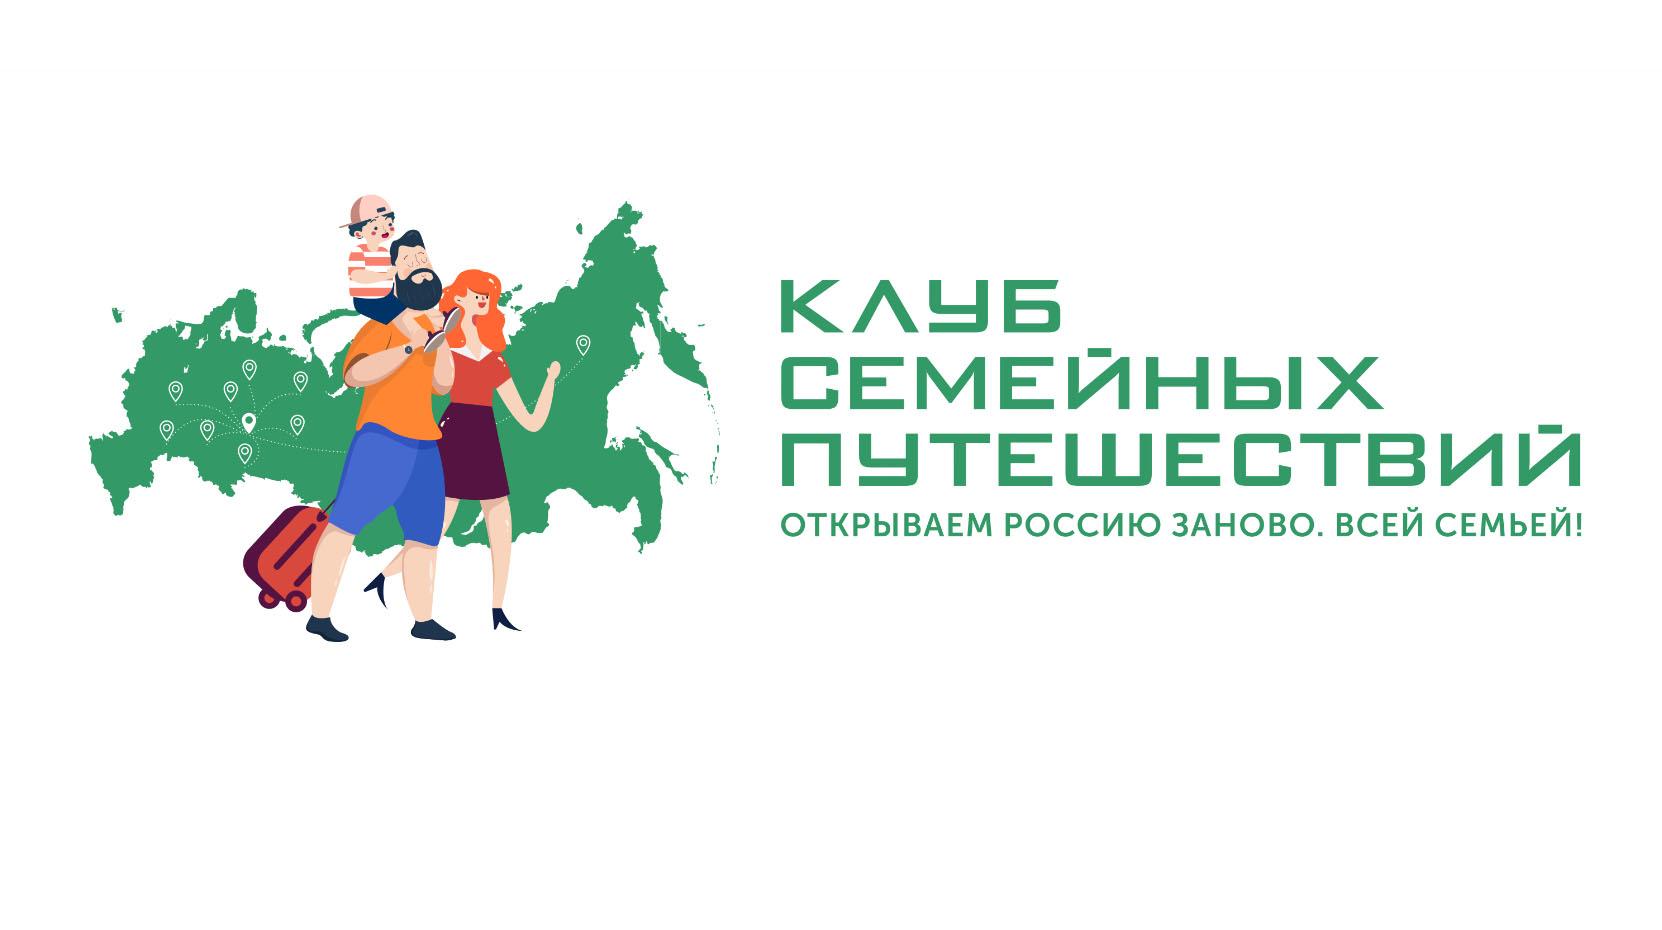 Приглашаем ярославцев к участию в конкурсе «Открываем Россию заново. Всей семьей!»